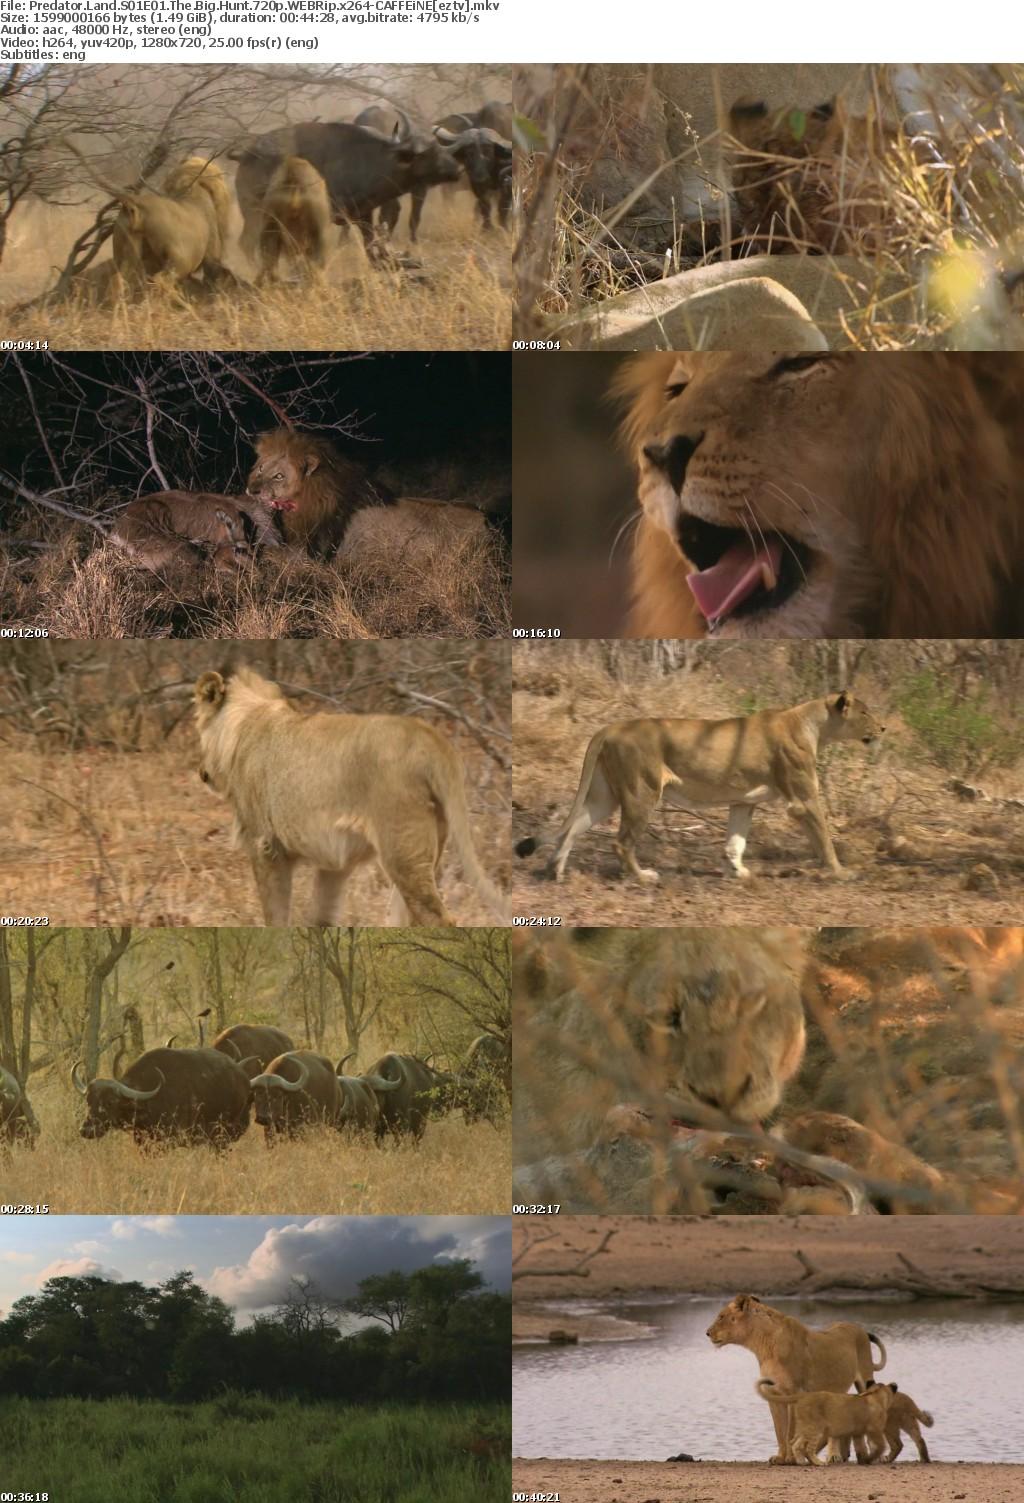 Predator Land S01E01 The Big Hunt 720p WEBRip x264-CAFFEiNE